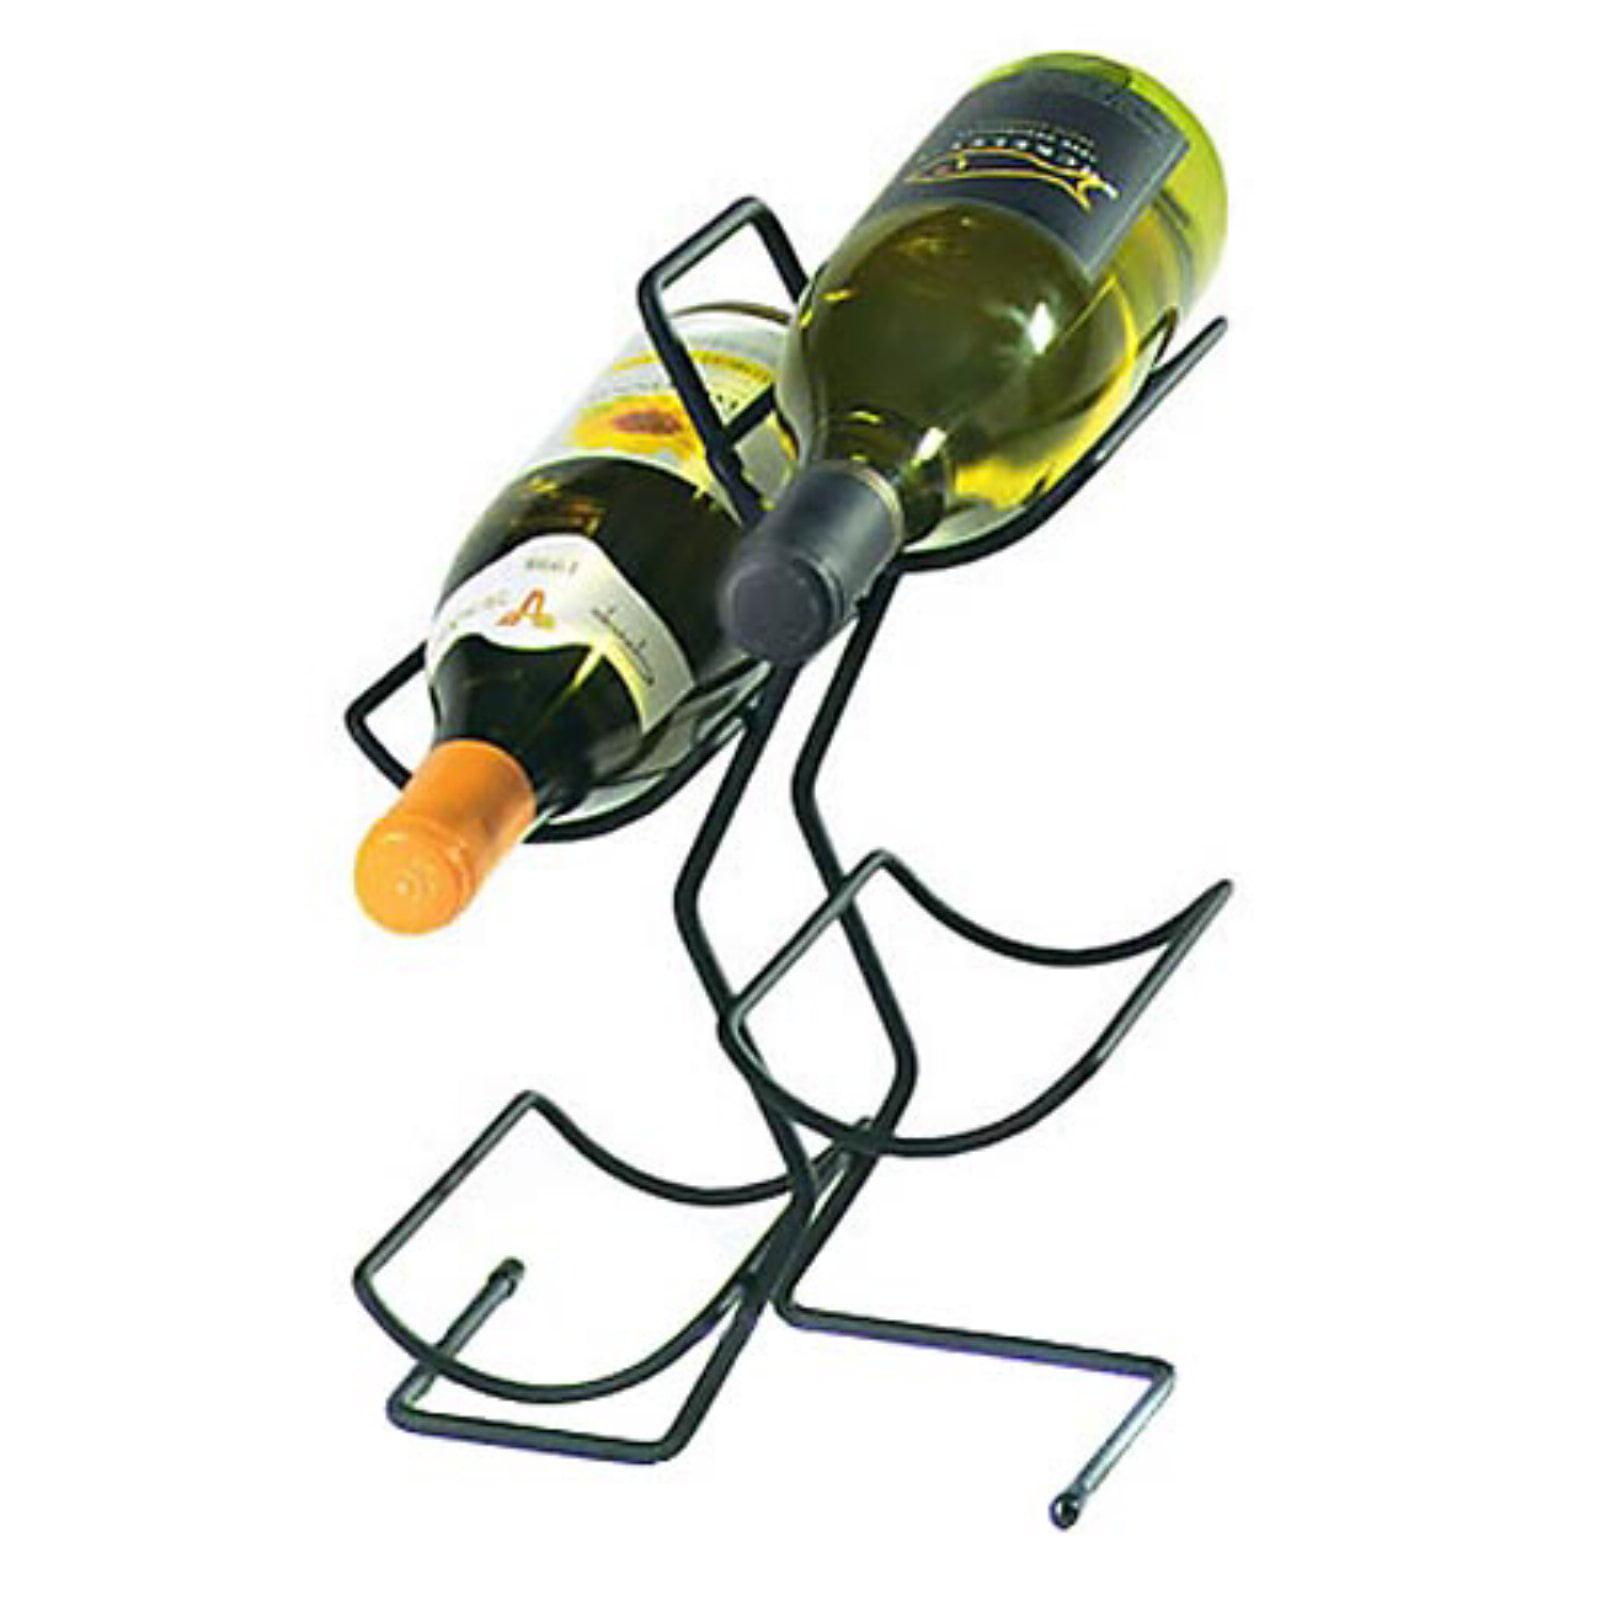 Wine Tree 4-Bottle Wine Rack Black by Spectrum